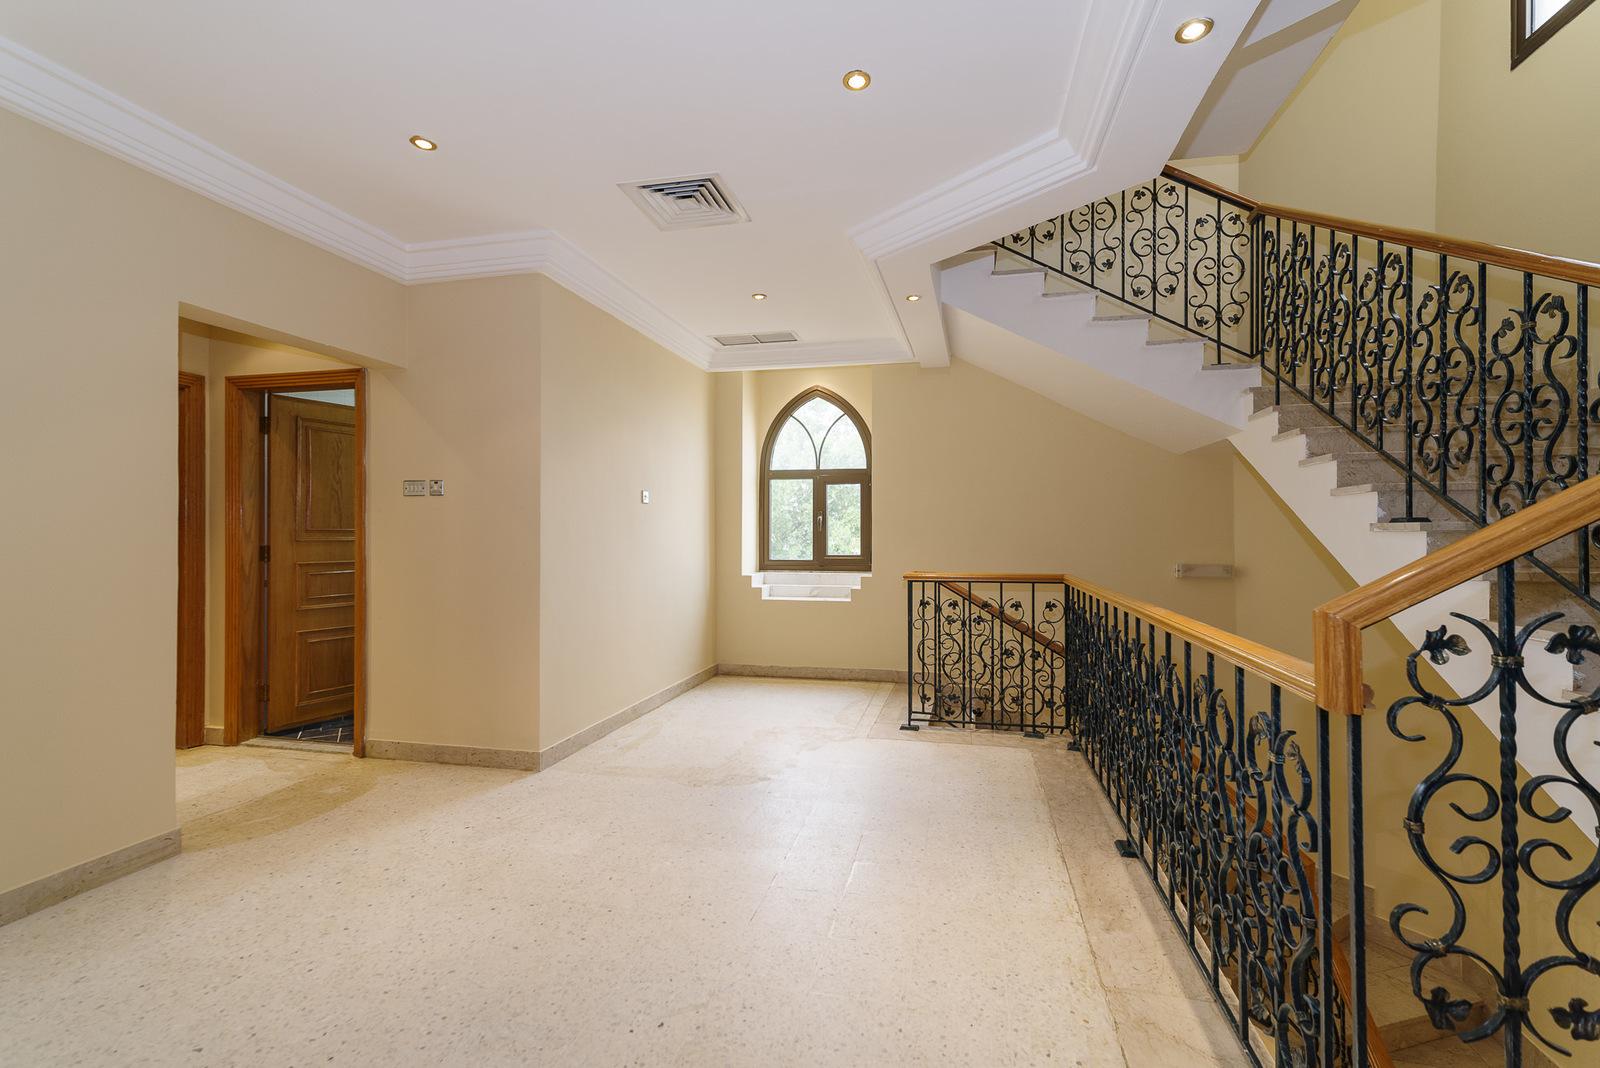 Abu Al Hasania – great, older, unfurnished, triplex apartment w/swimming pool